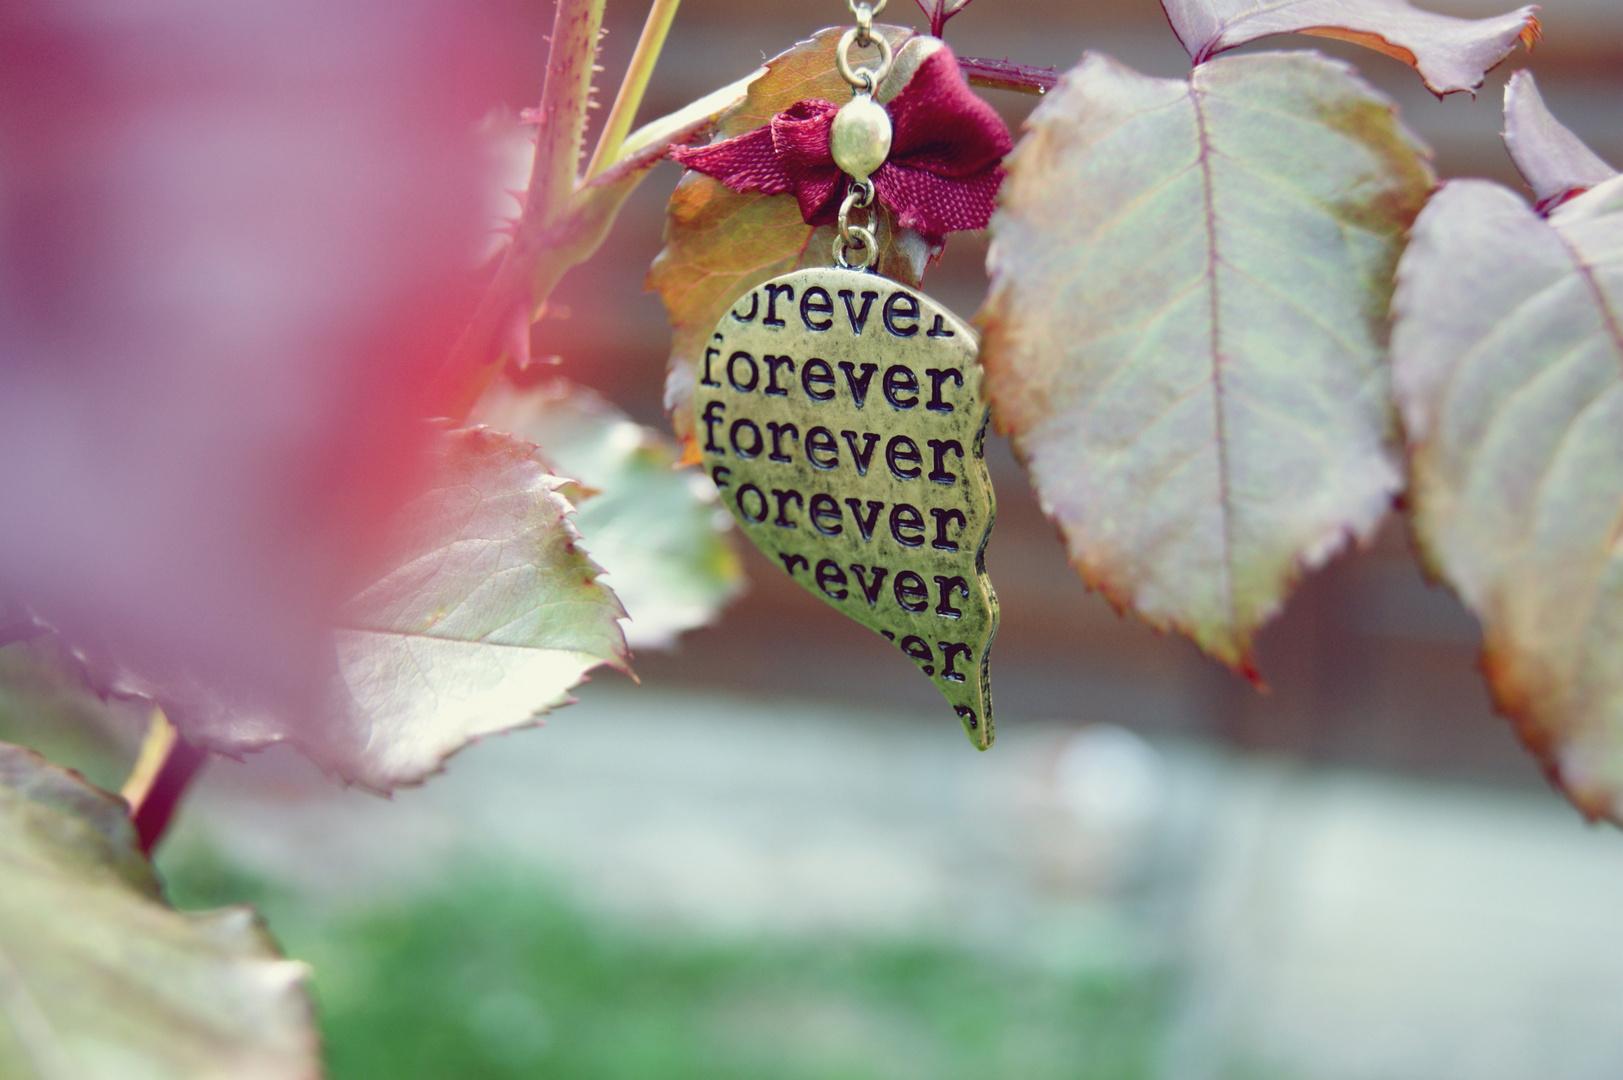 forever..